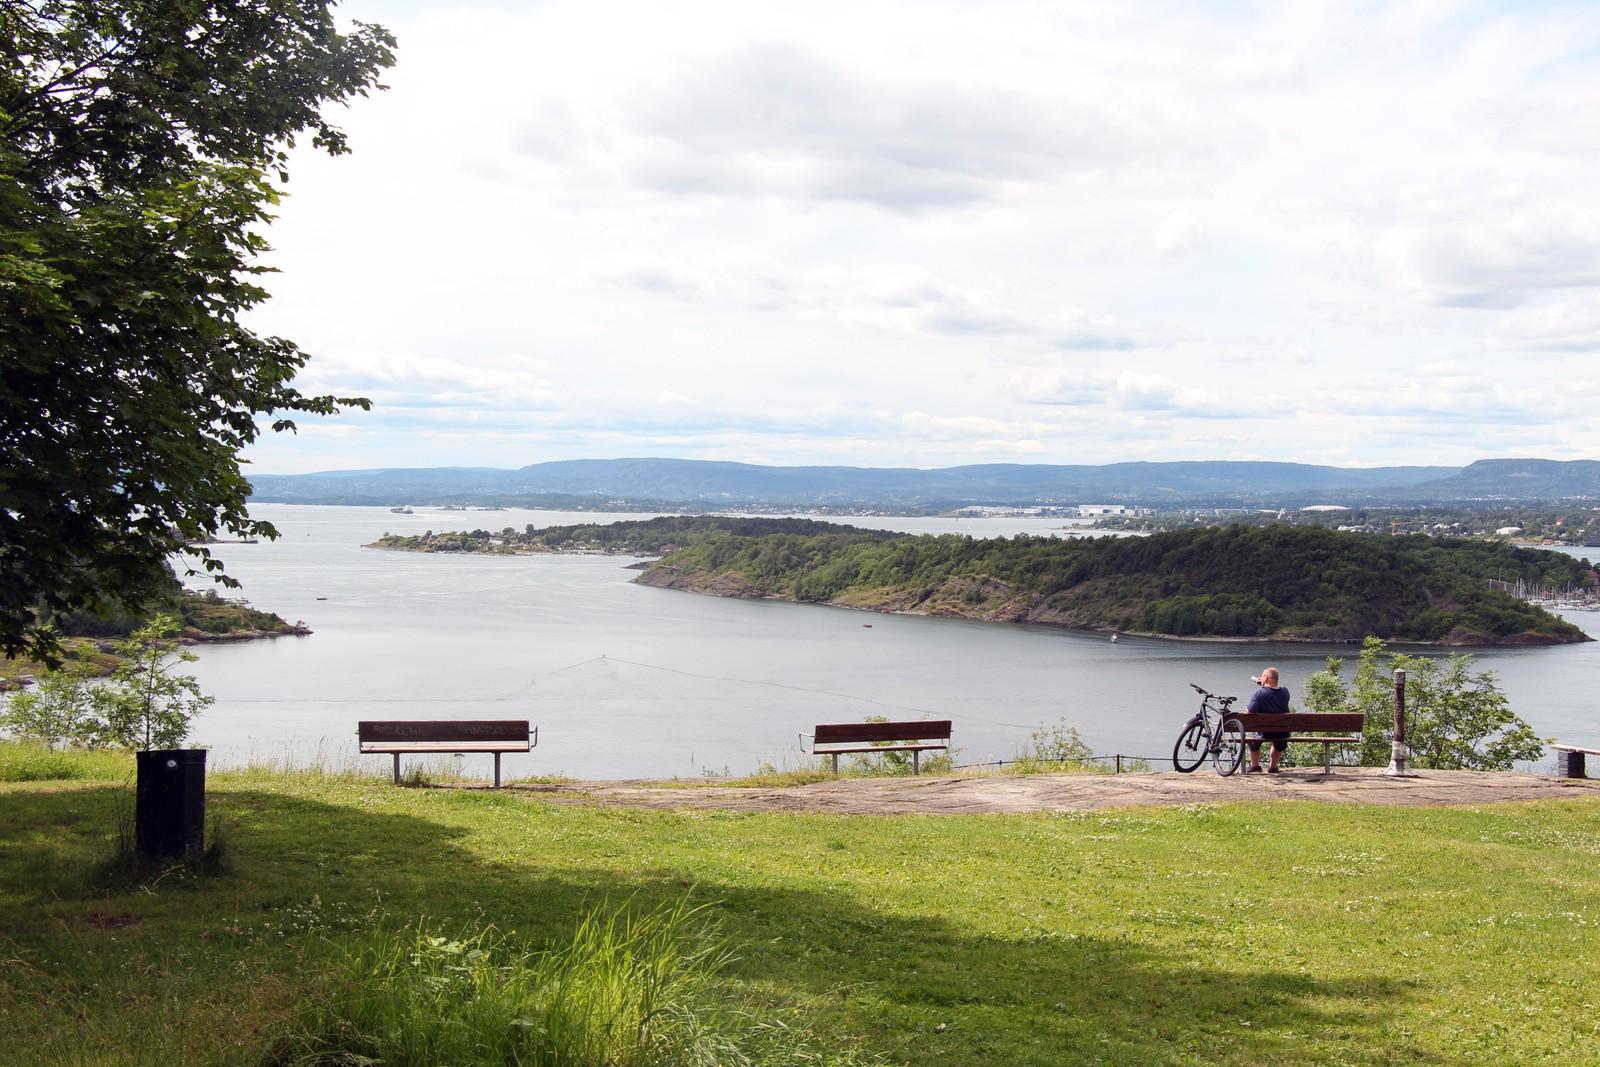 Utsikten fra Kafe Utsikten er fin. Den går langt utover Oslofjorden.